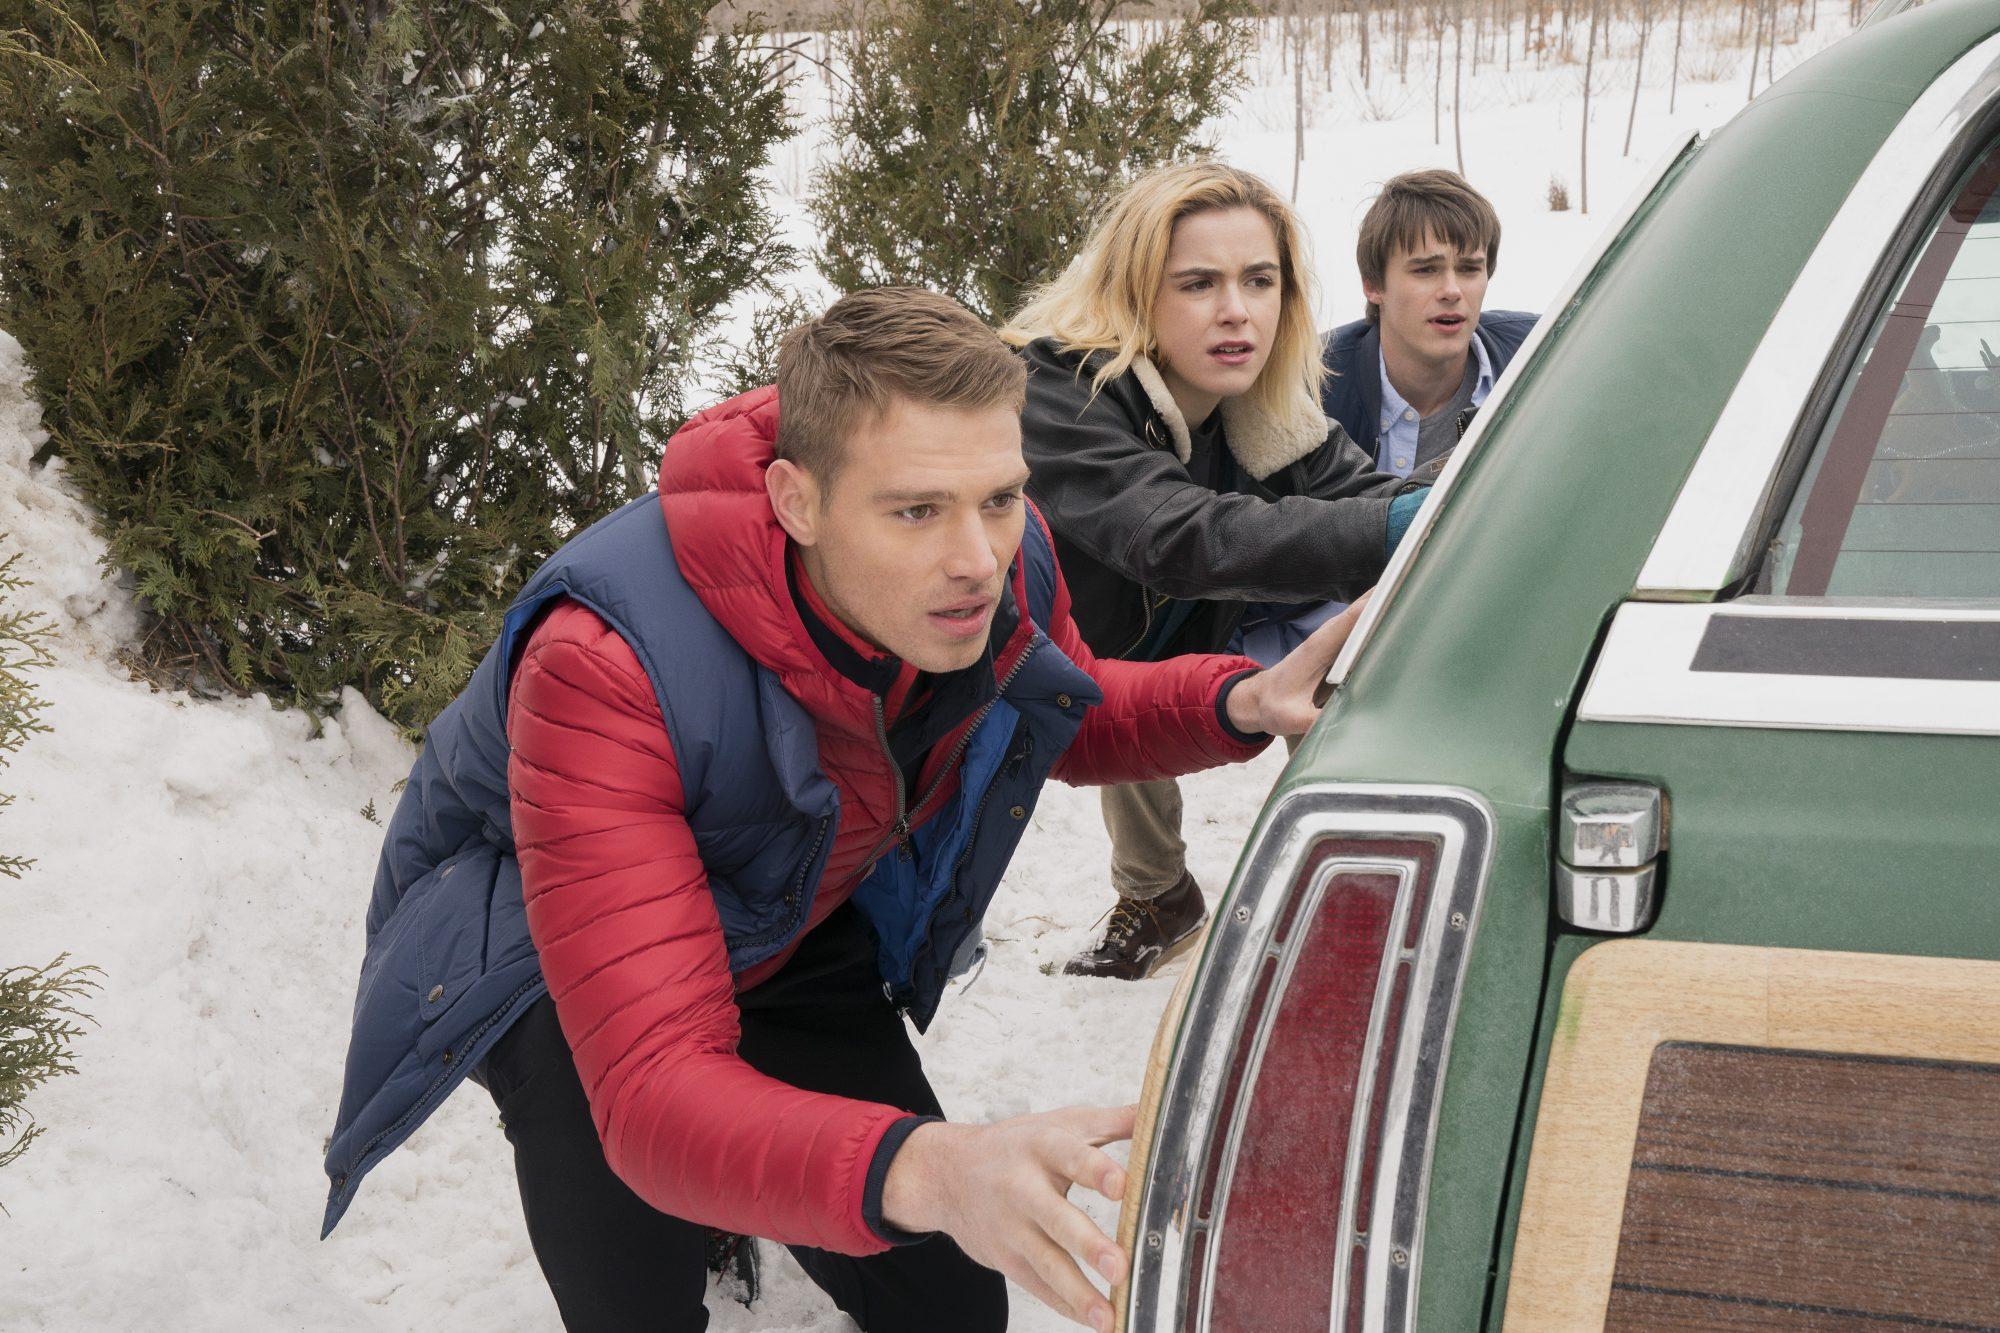 Let It Snow - Matthew Noszka, Kiernan Shipka, Mitchell Hope - Photo Credit: Netflix / Steve Wilkie